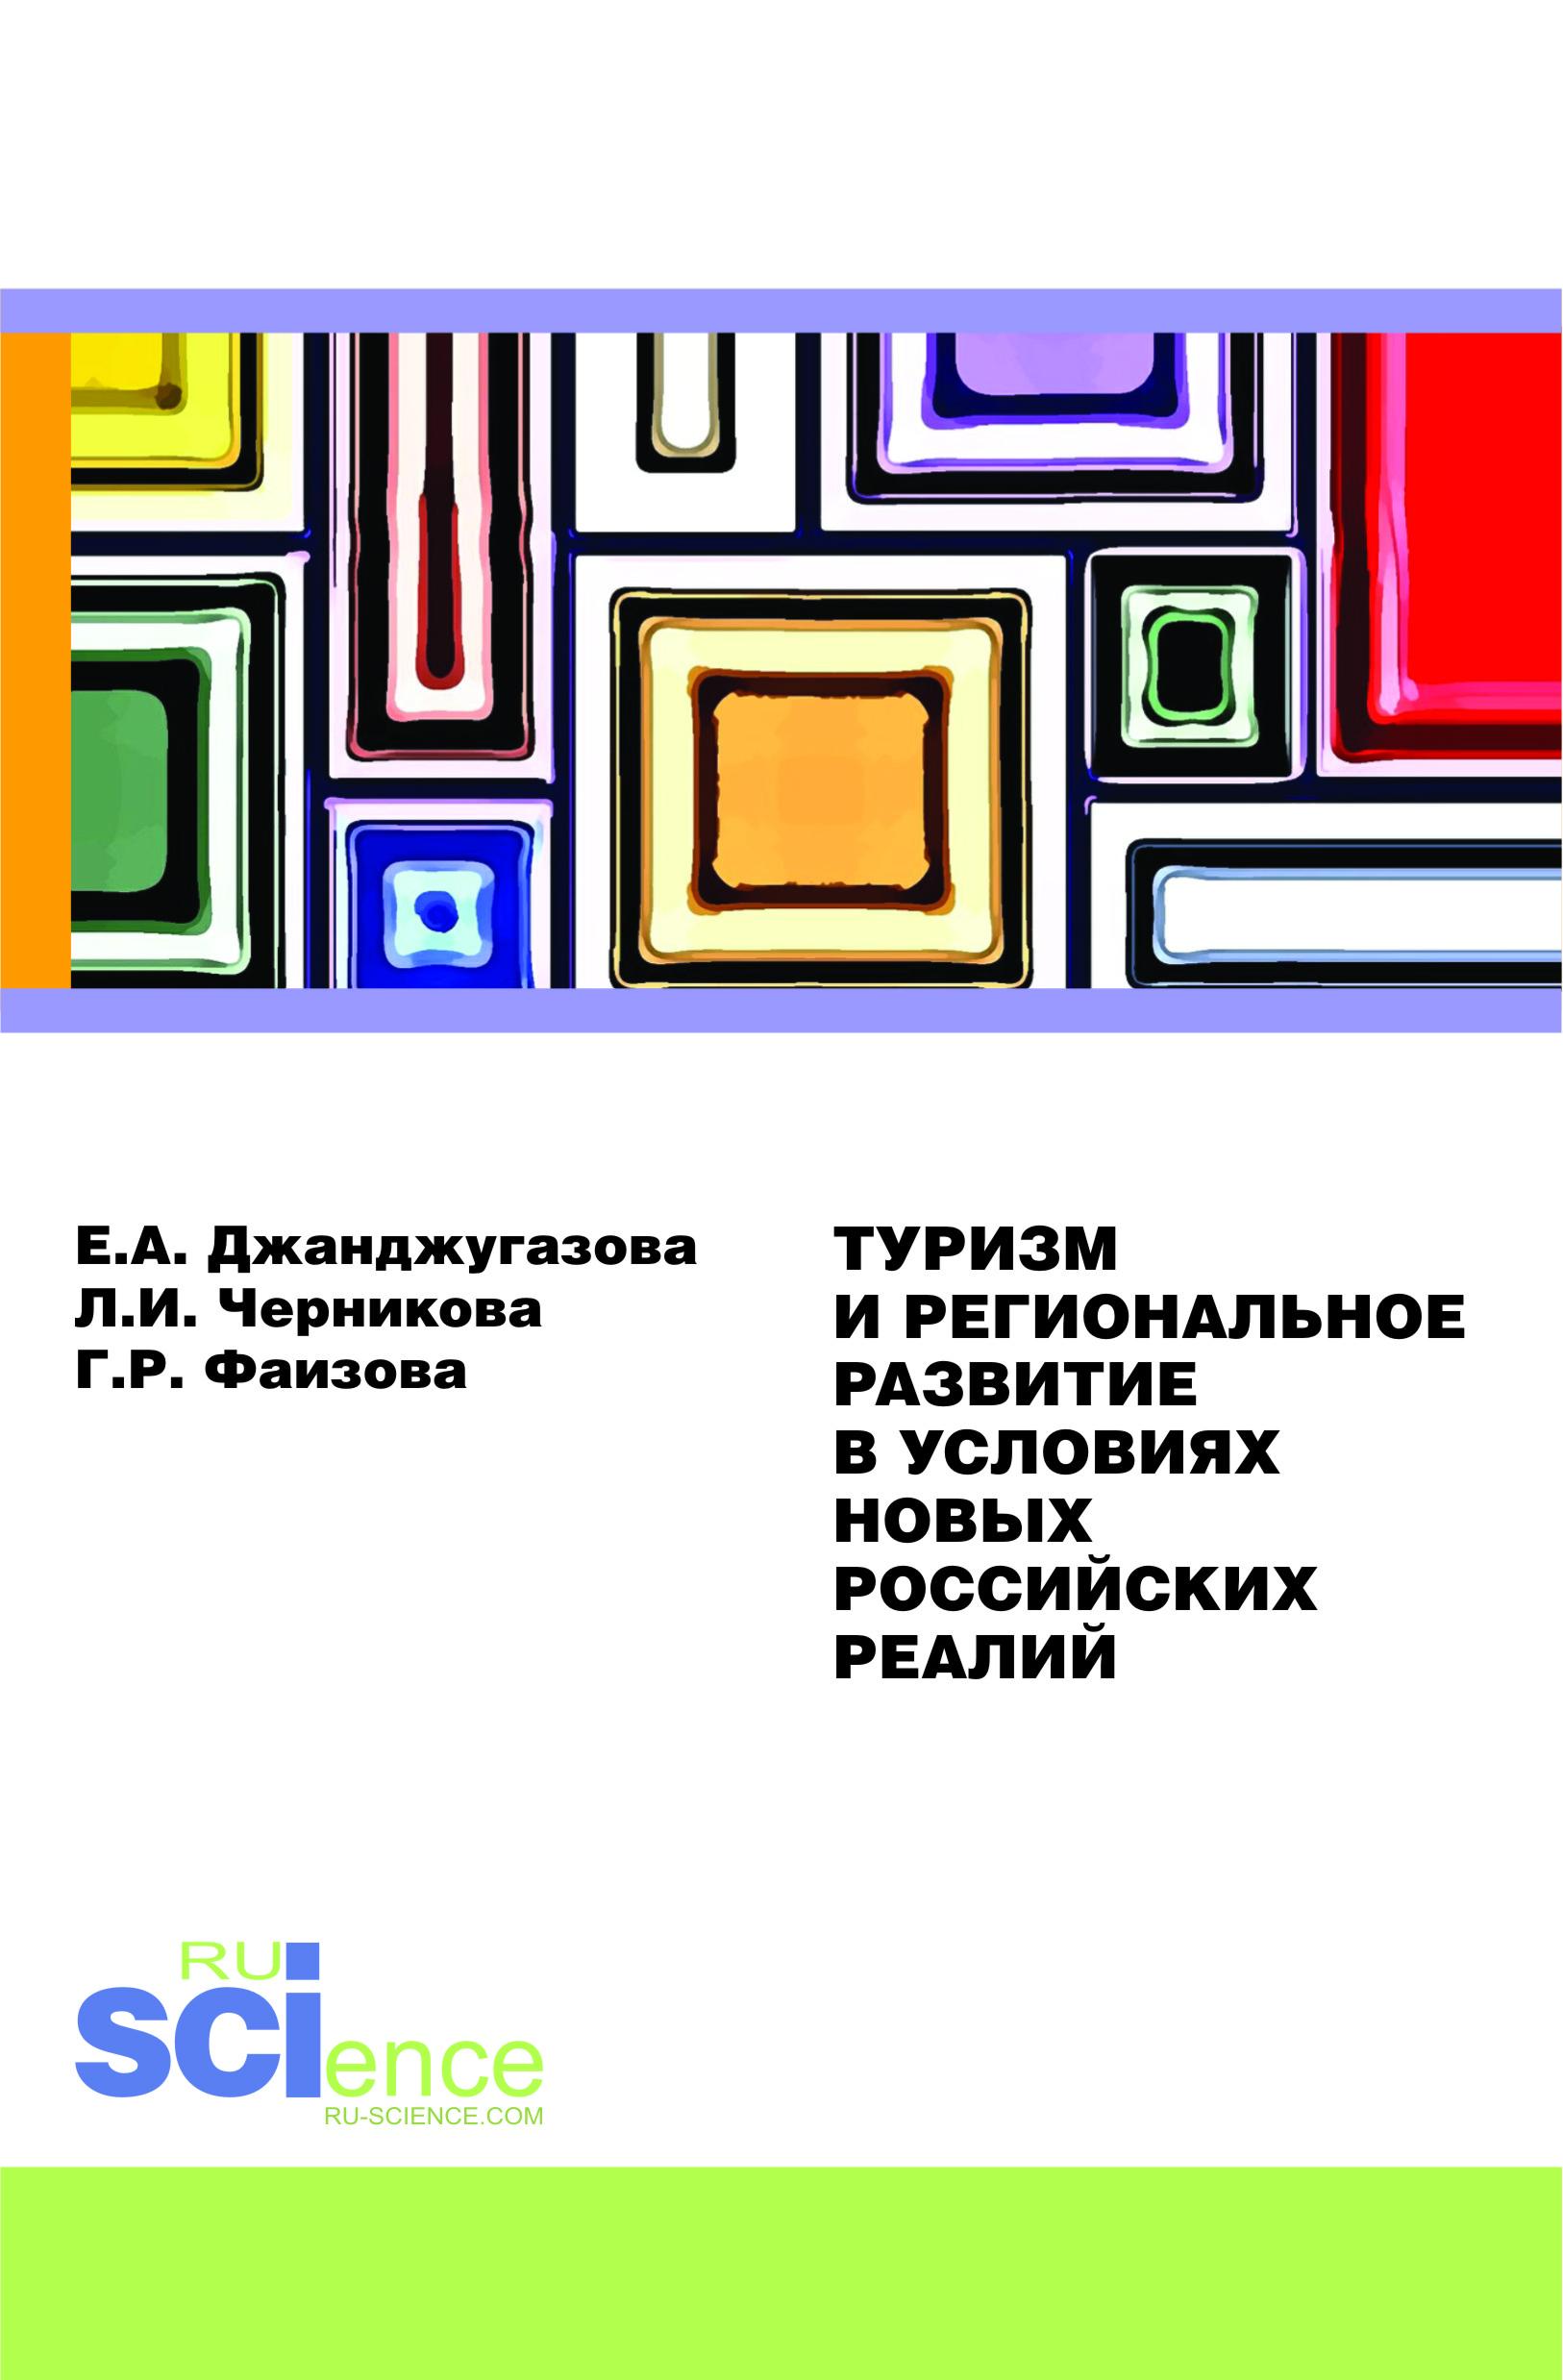 Туризм и региональное развитие в условиях новых российских реалий. Монография